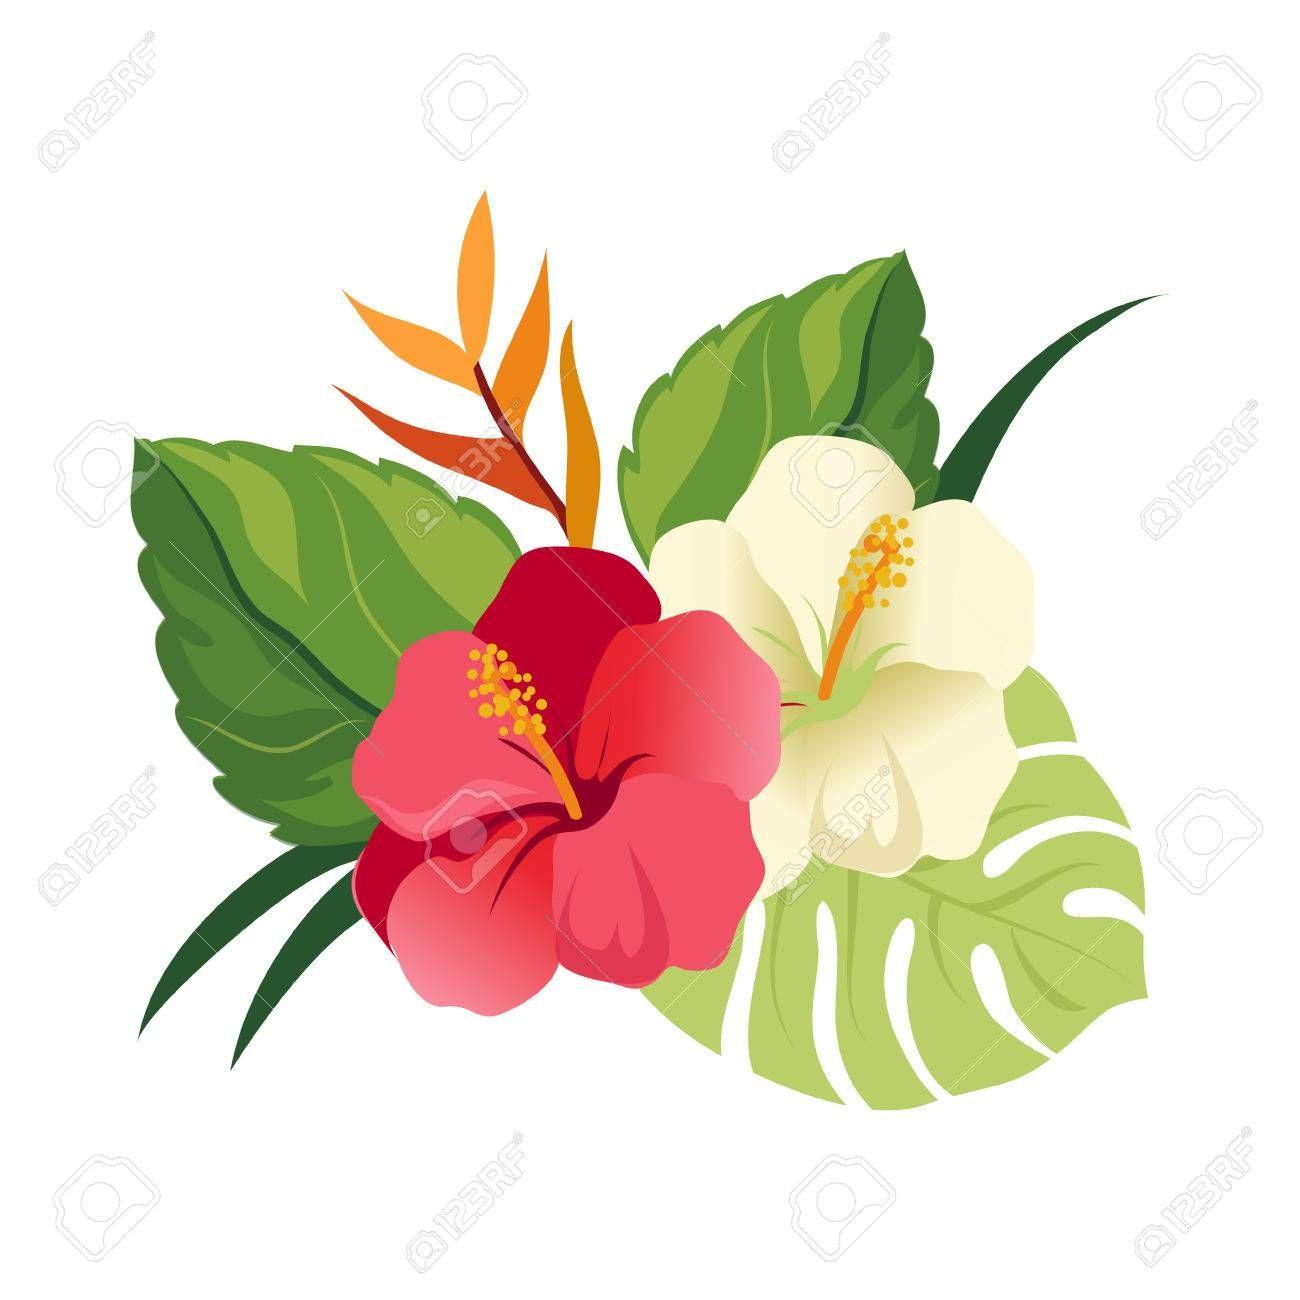 Image Result For Hawaiian Hibiscus Flower Preto E Branco Folhagem